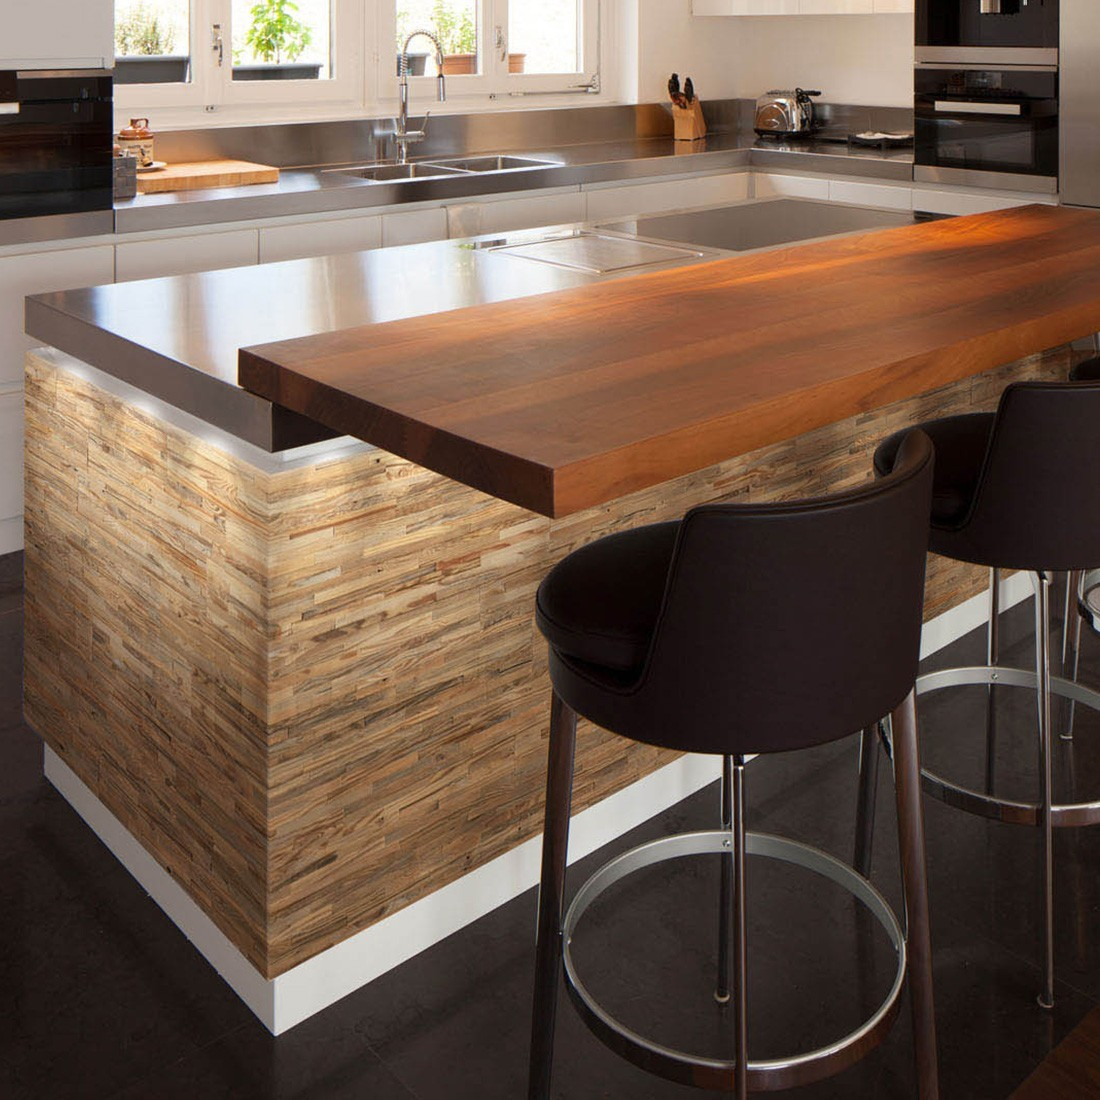 Comment Habiller Un Bar De Cuisine panneau mural bois bois brut : parement bois recyclé